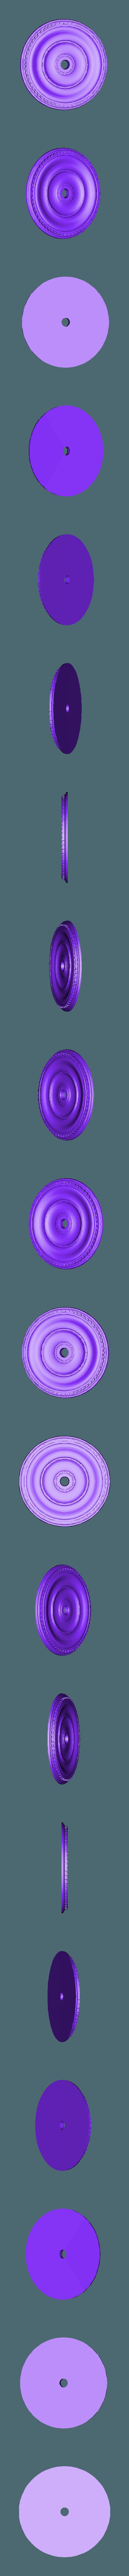 59.stl Télécharger fichier OBJ gratuit Moulures vintage pour vieux appartements classiques cnc art machine à router 3D printed • Modèle à imprimer en 3D, 3DPrinterFiles